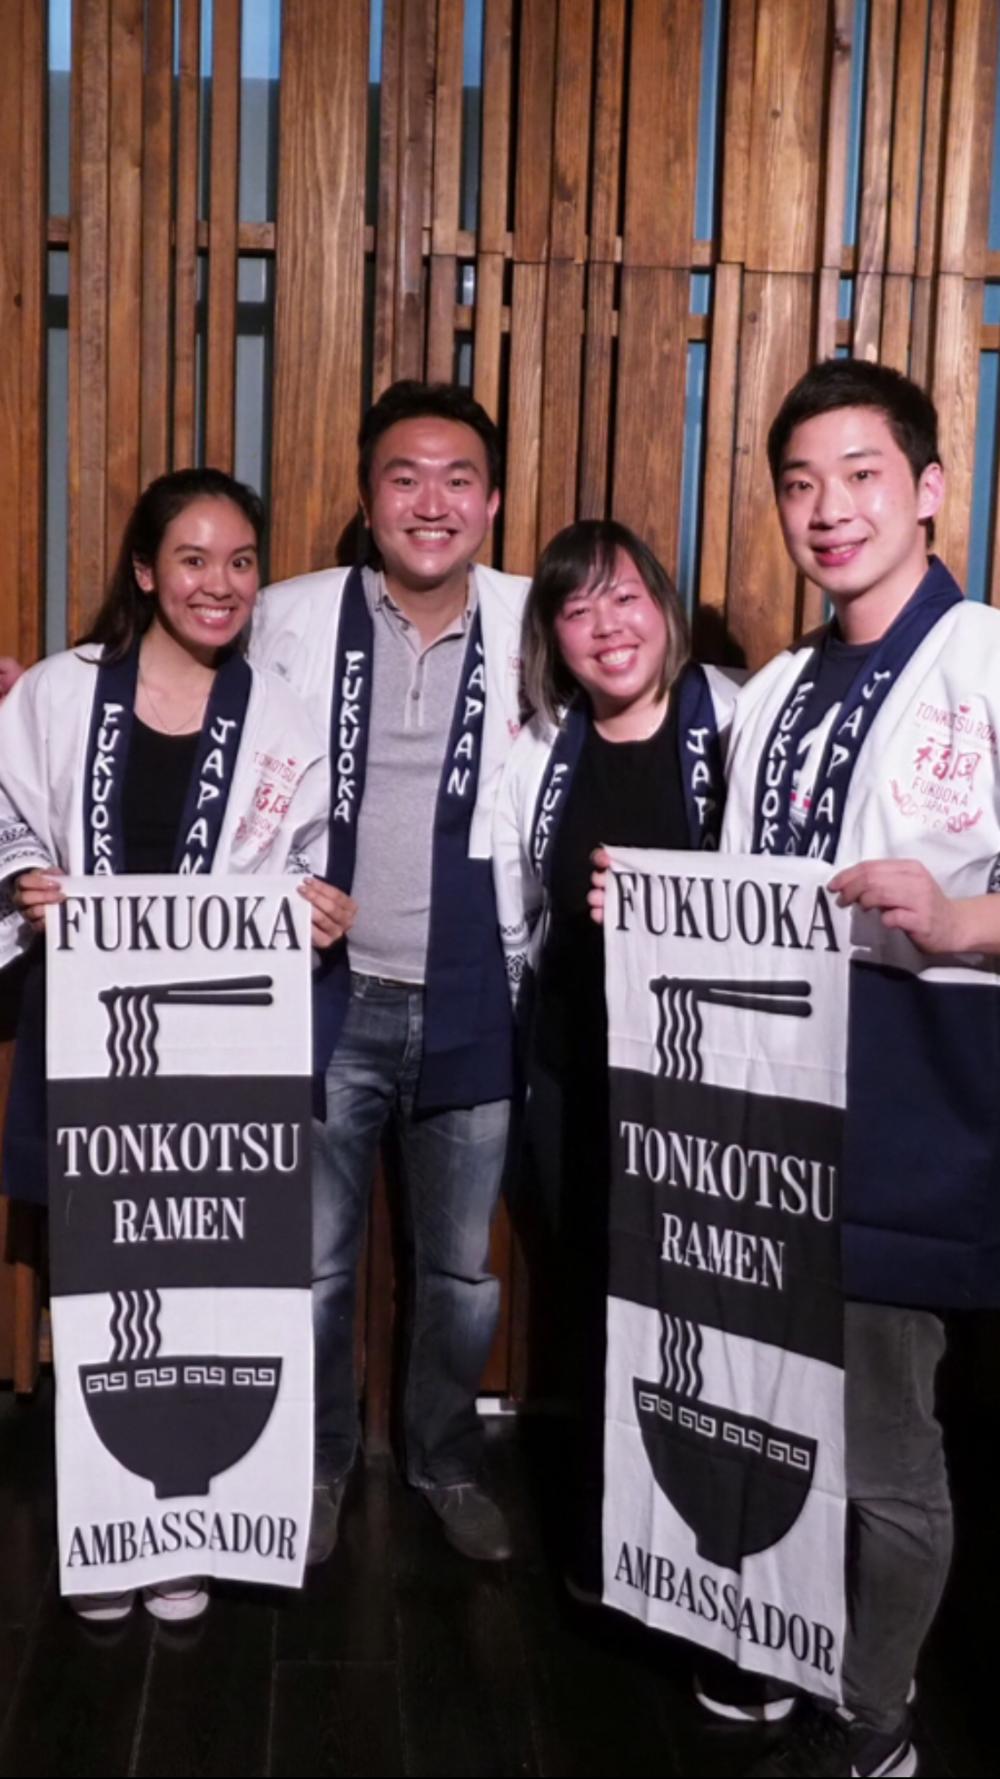 Fukuoka Tonkotsu Ambassador ;-)